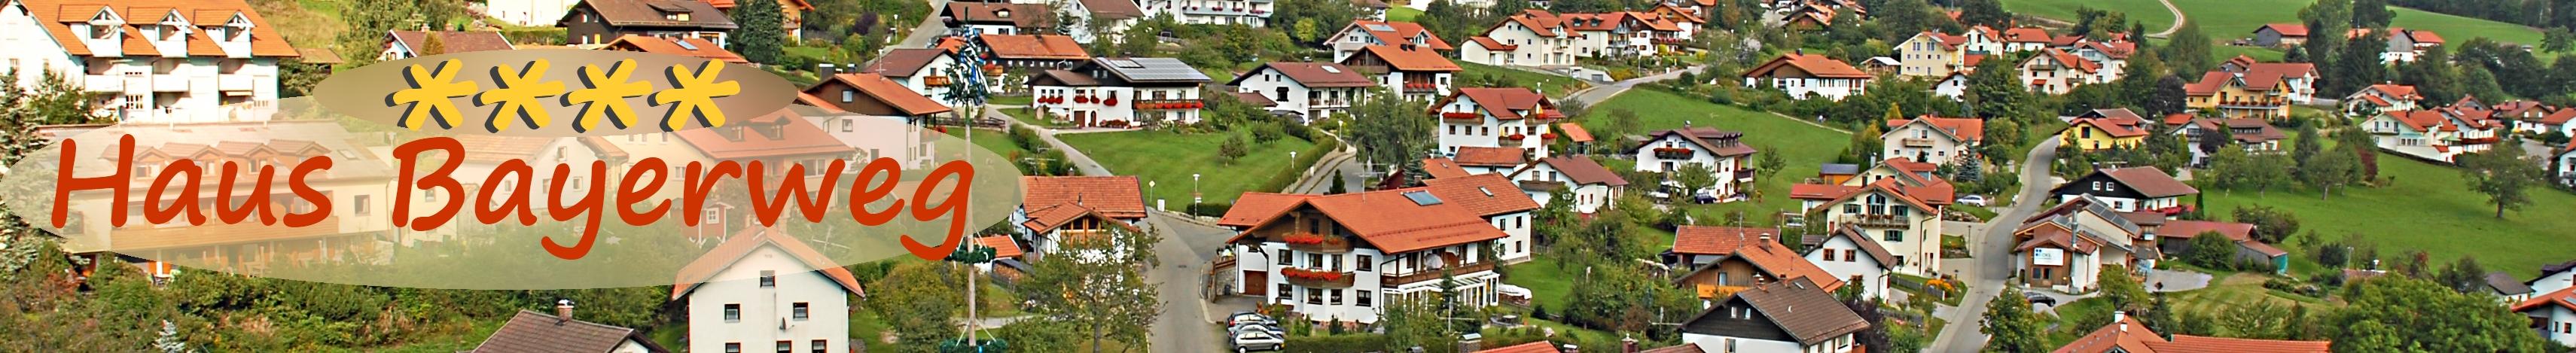 Haus Bayerweg